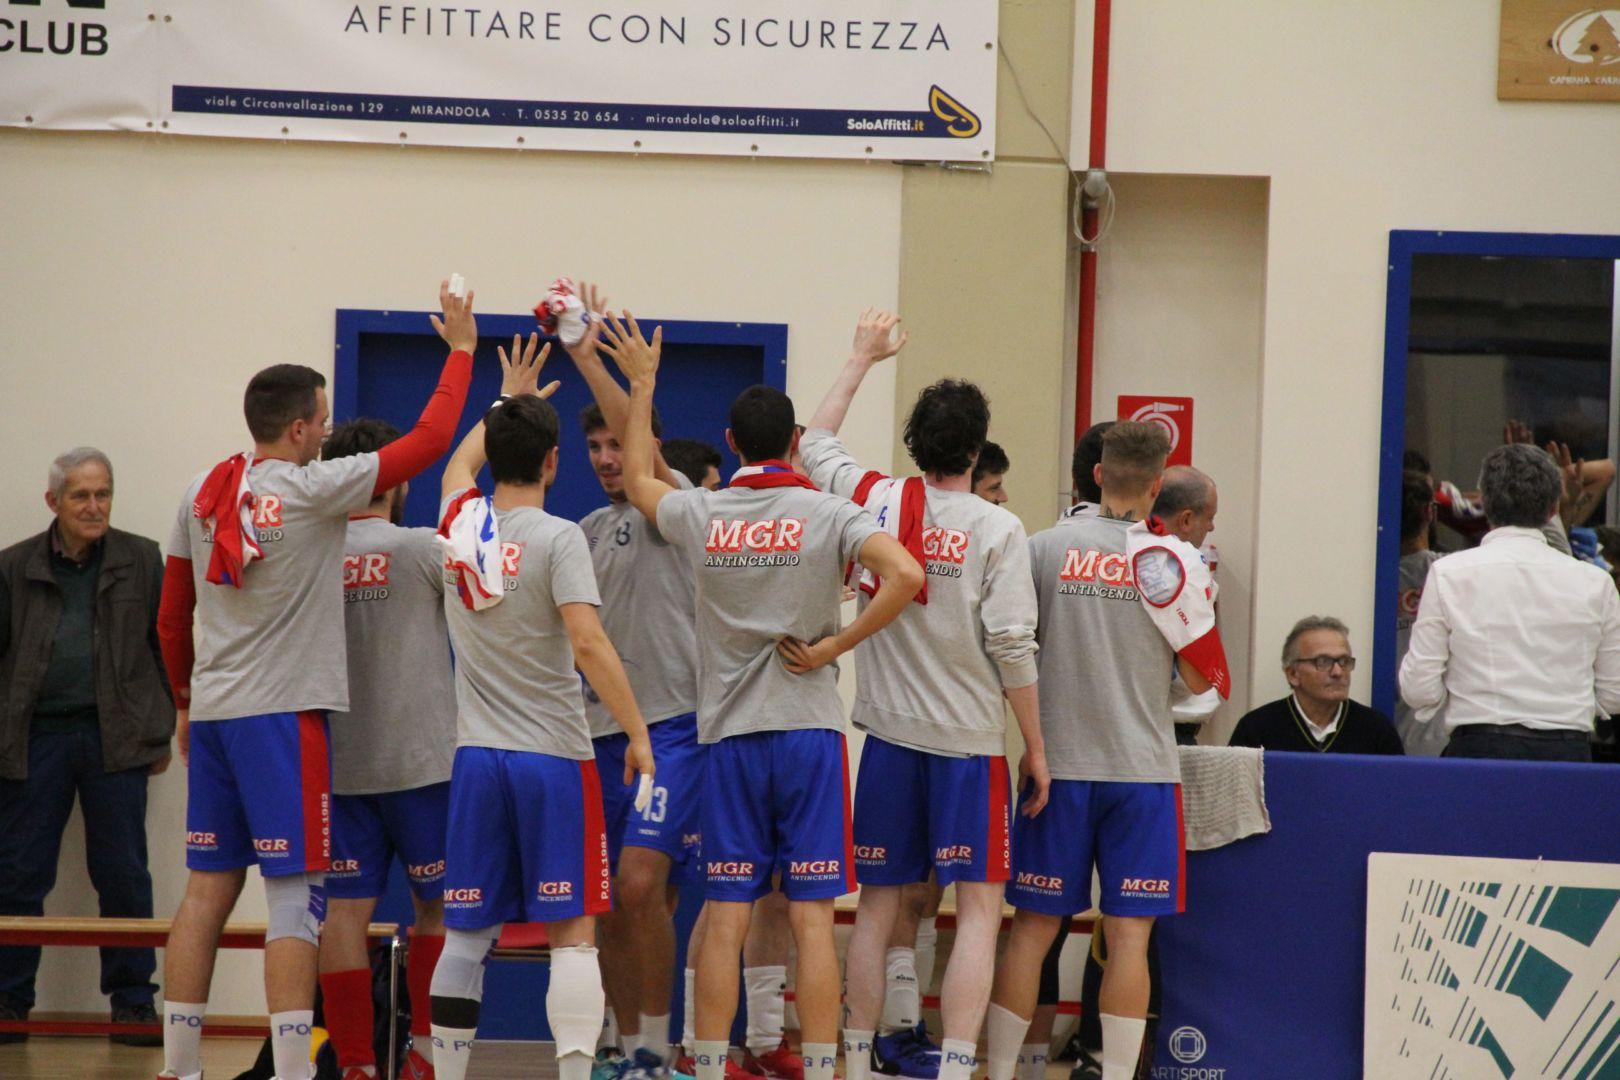 Volley, sconfitta amara al tie break per Grassobbio contro Mirandola - Bergamo & Sport